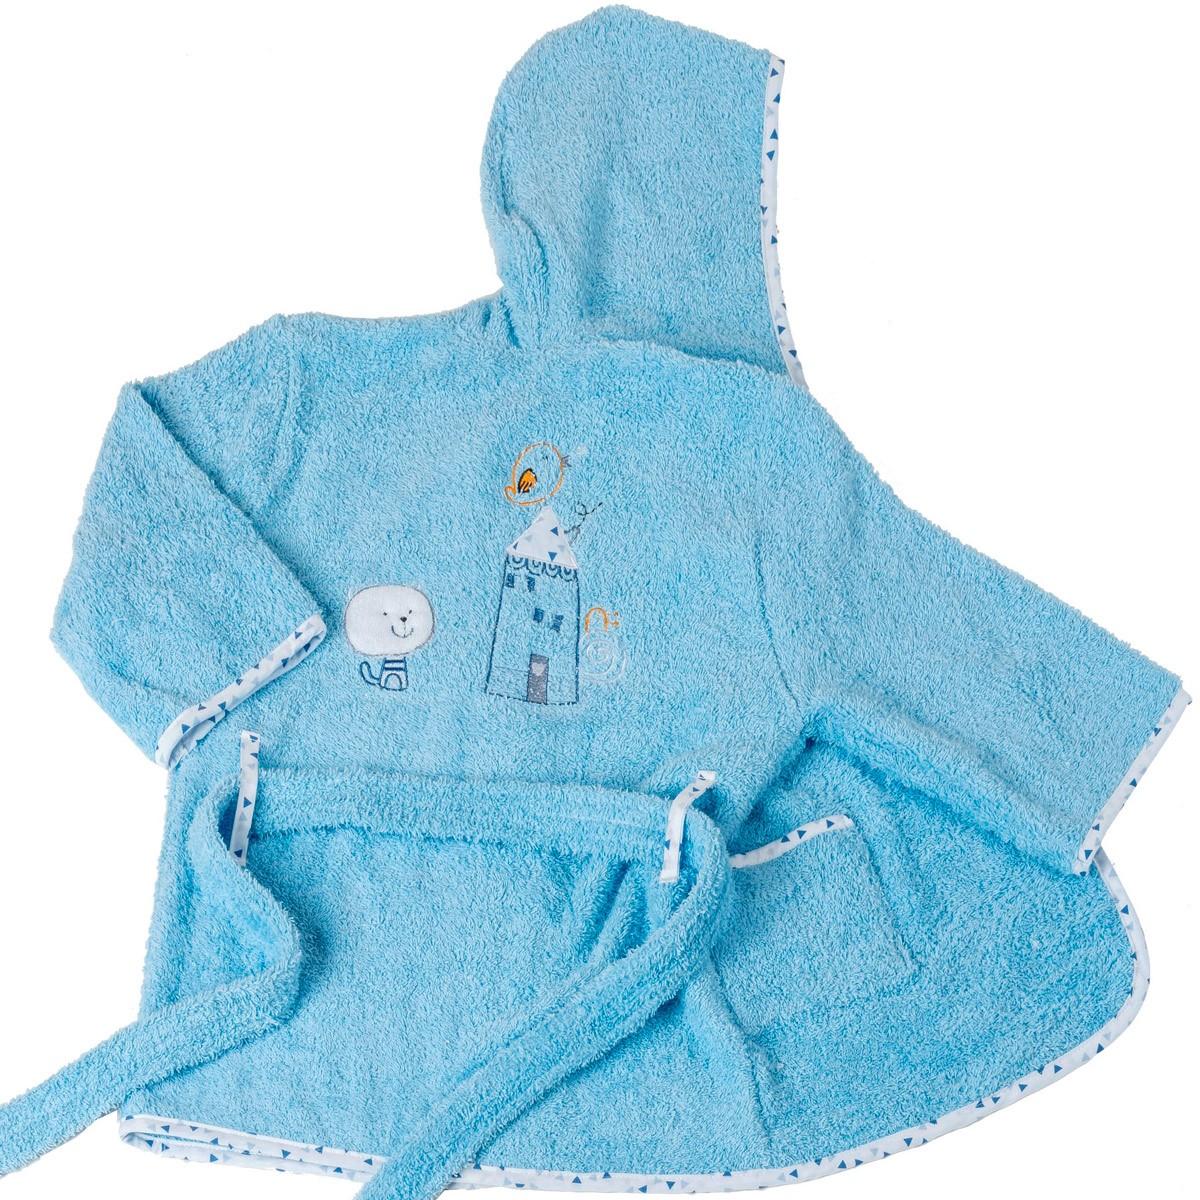 Παιδικό Μπουρνούζι Κόσμος Του Μωρού Home 4100 Σιέλ Νο6 Νο6